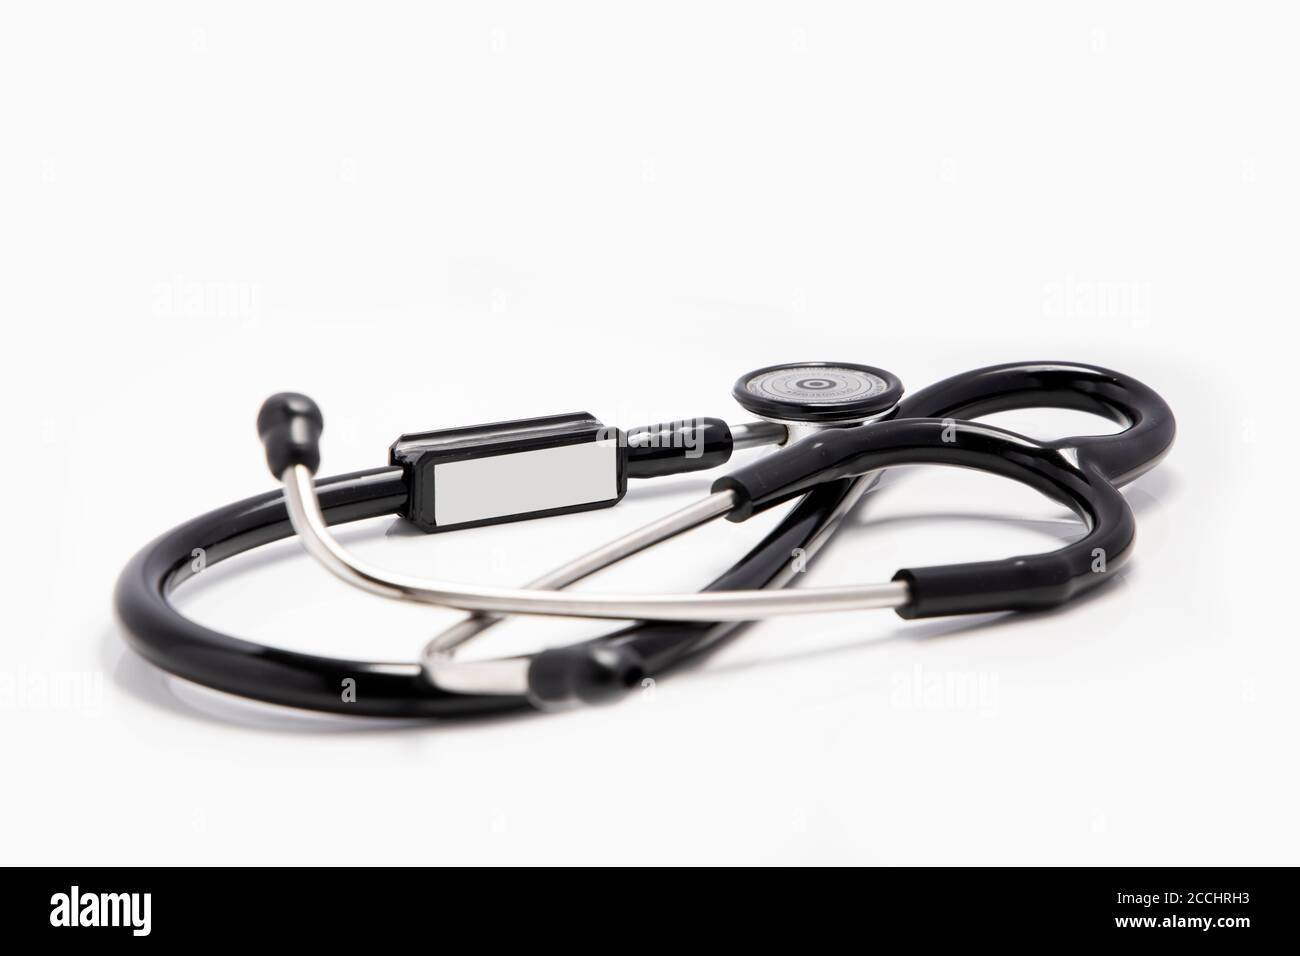 Série médicale - stéthoscope sur fond blanc Banque D'Images